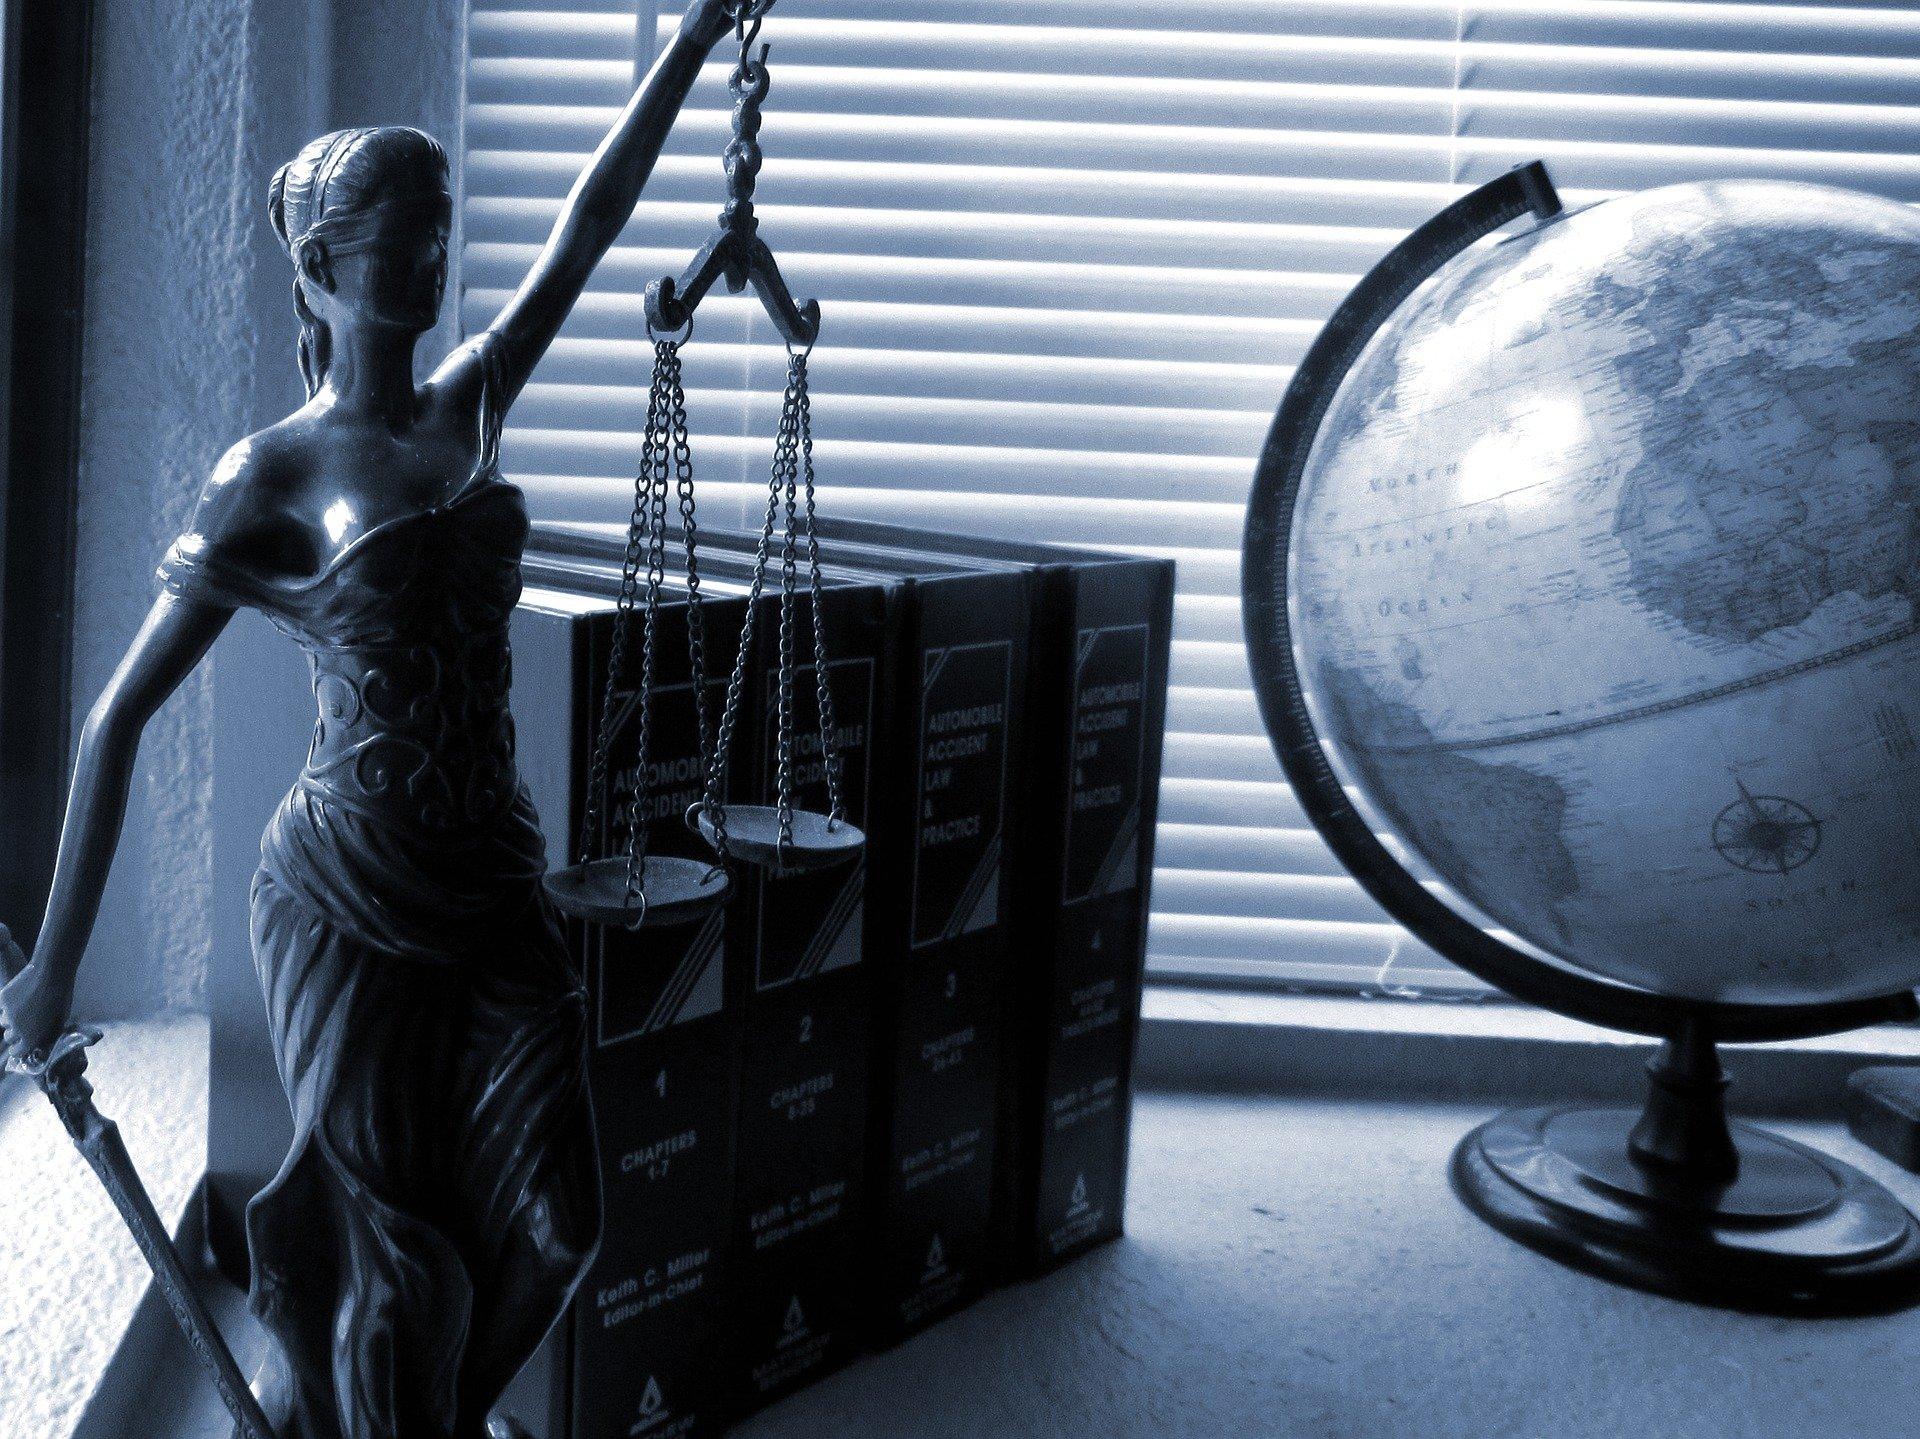 Idee Regalo Per Colleghi D Ufficio : Le migliori idee regalo per un avvocato topregalo